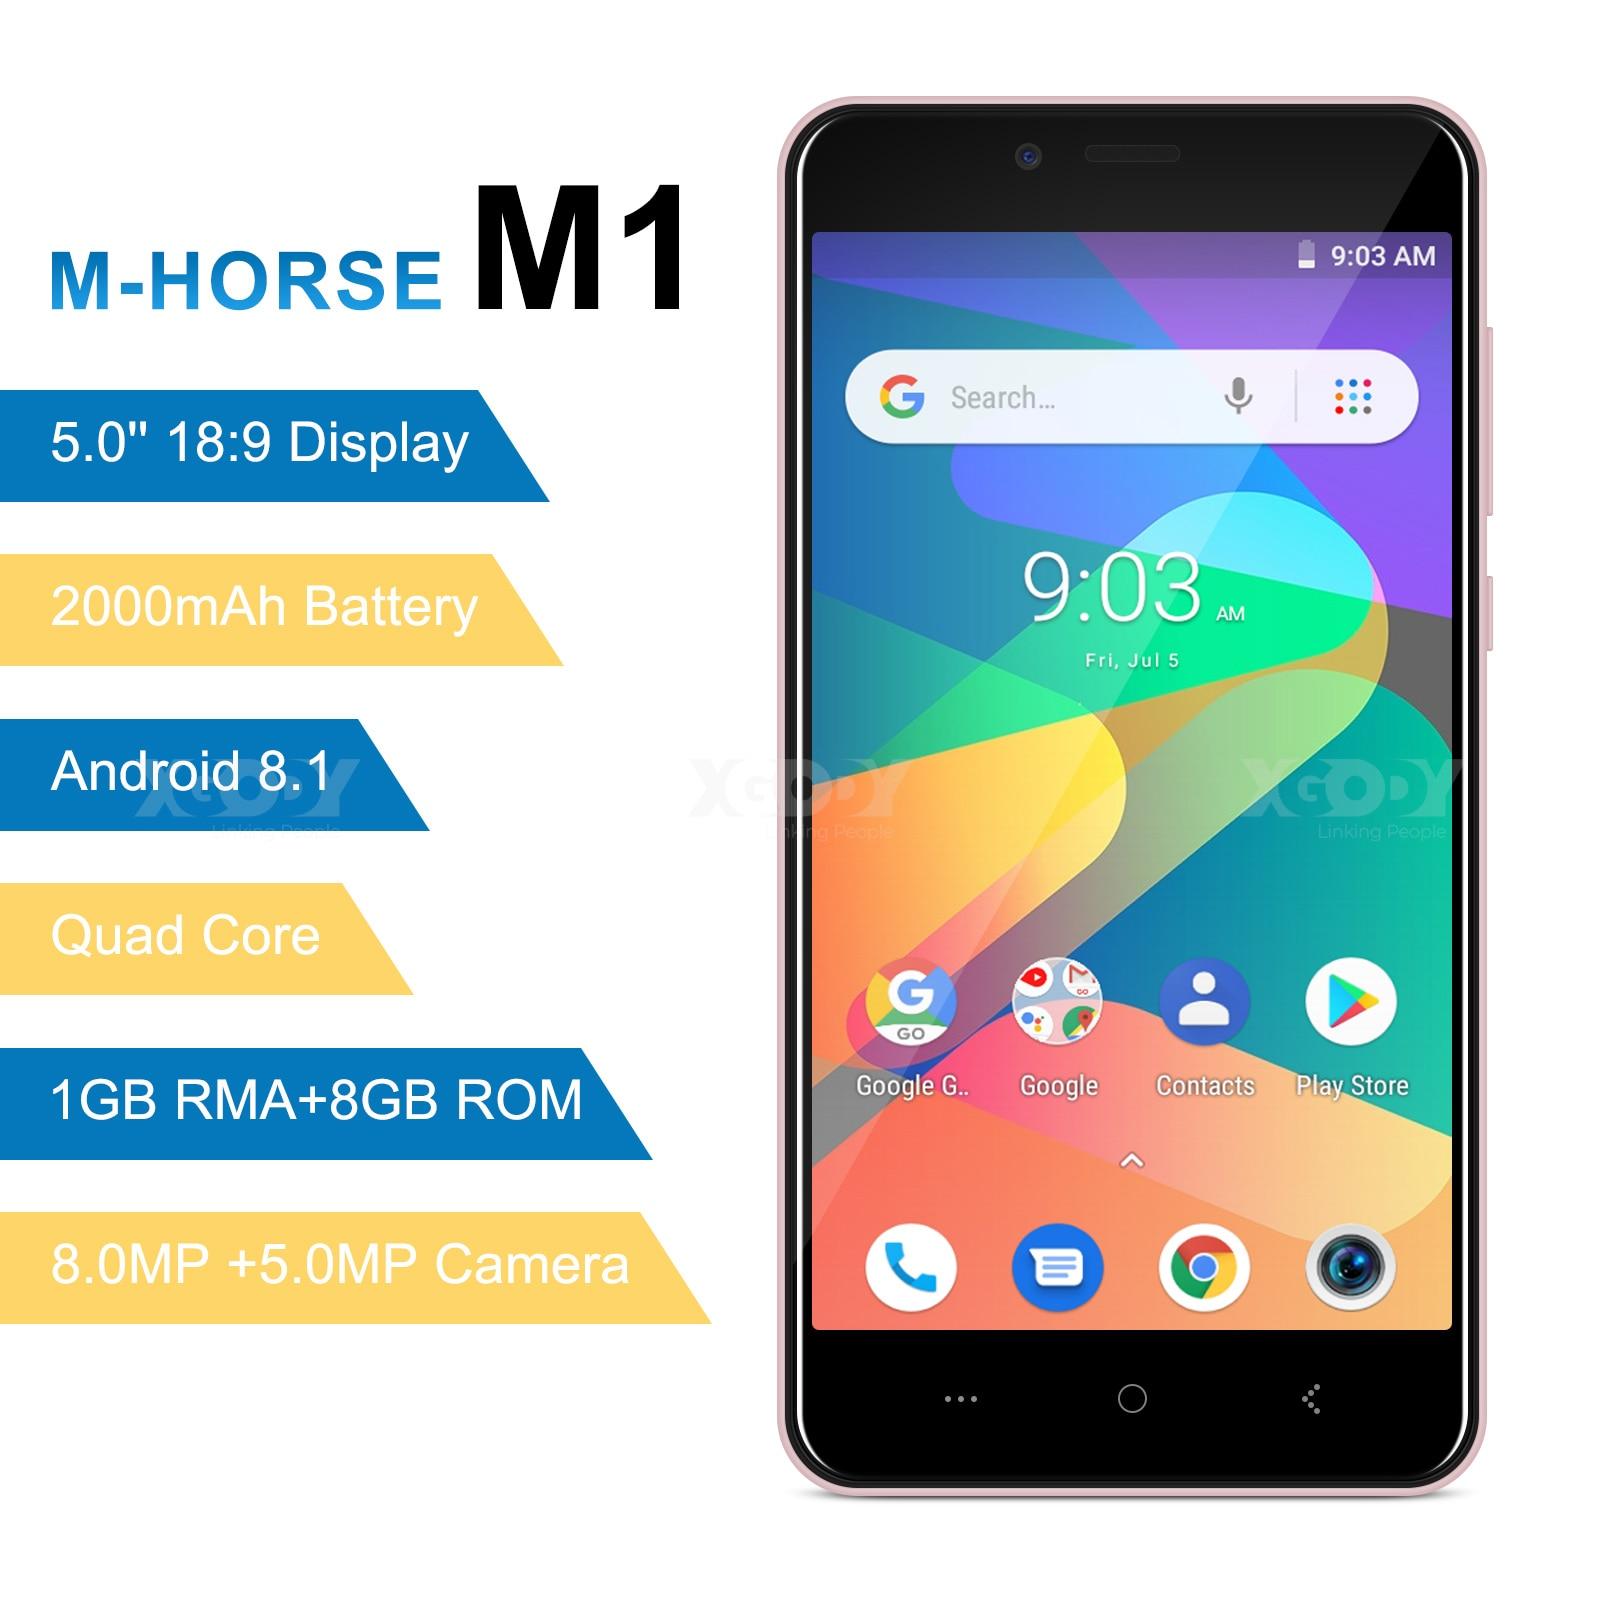 M-HORSE MTK6580 Telefone Móvel Android Quad Core 8.1 GB de RAM GB ROM 3 8 1G 8.0MP WCDMA Dual SIM smartphone 5.0 de polegada celular